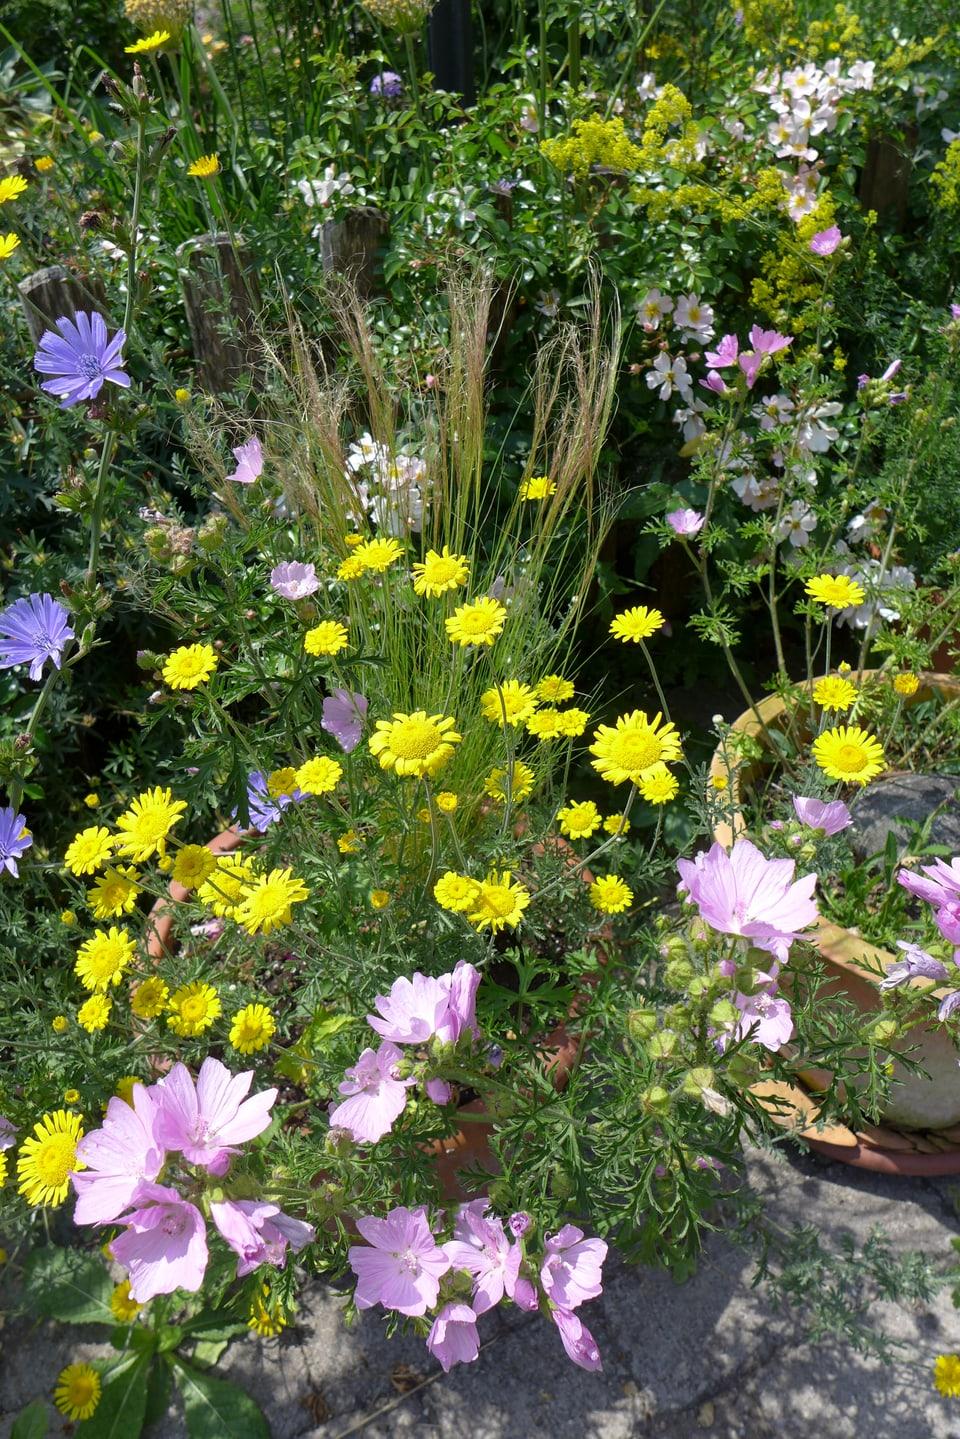 Engelhaar-Gras umringt von gelben und violetten Blumen.